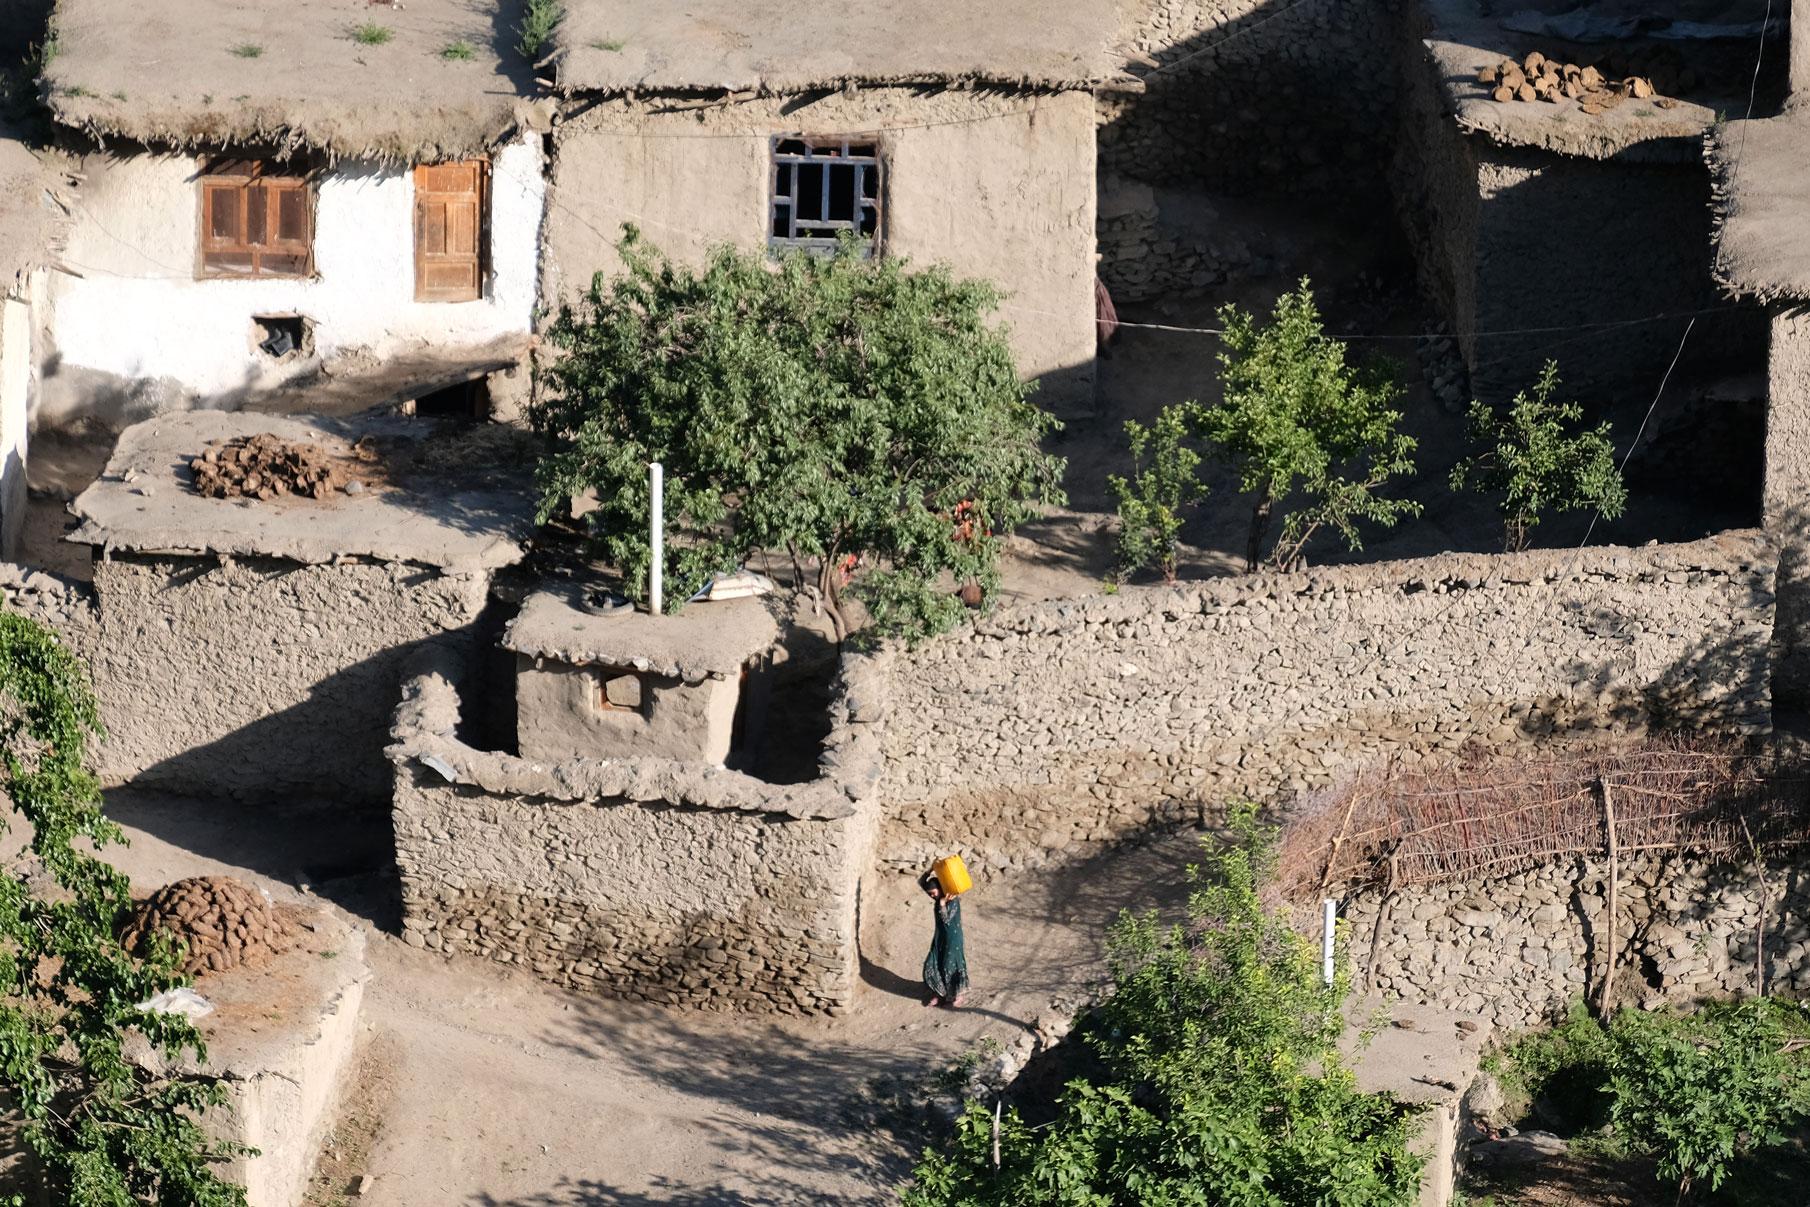 ...auf afghanische Dörfer auf der anderen Seite des Flusses.